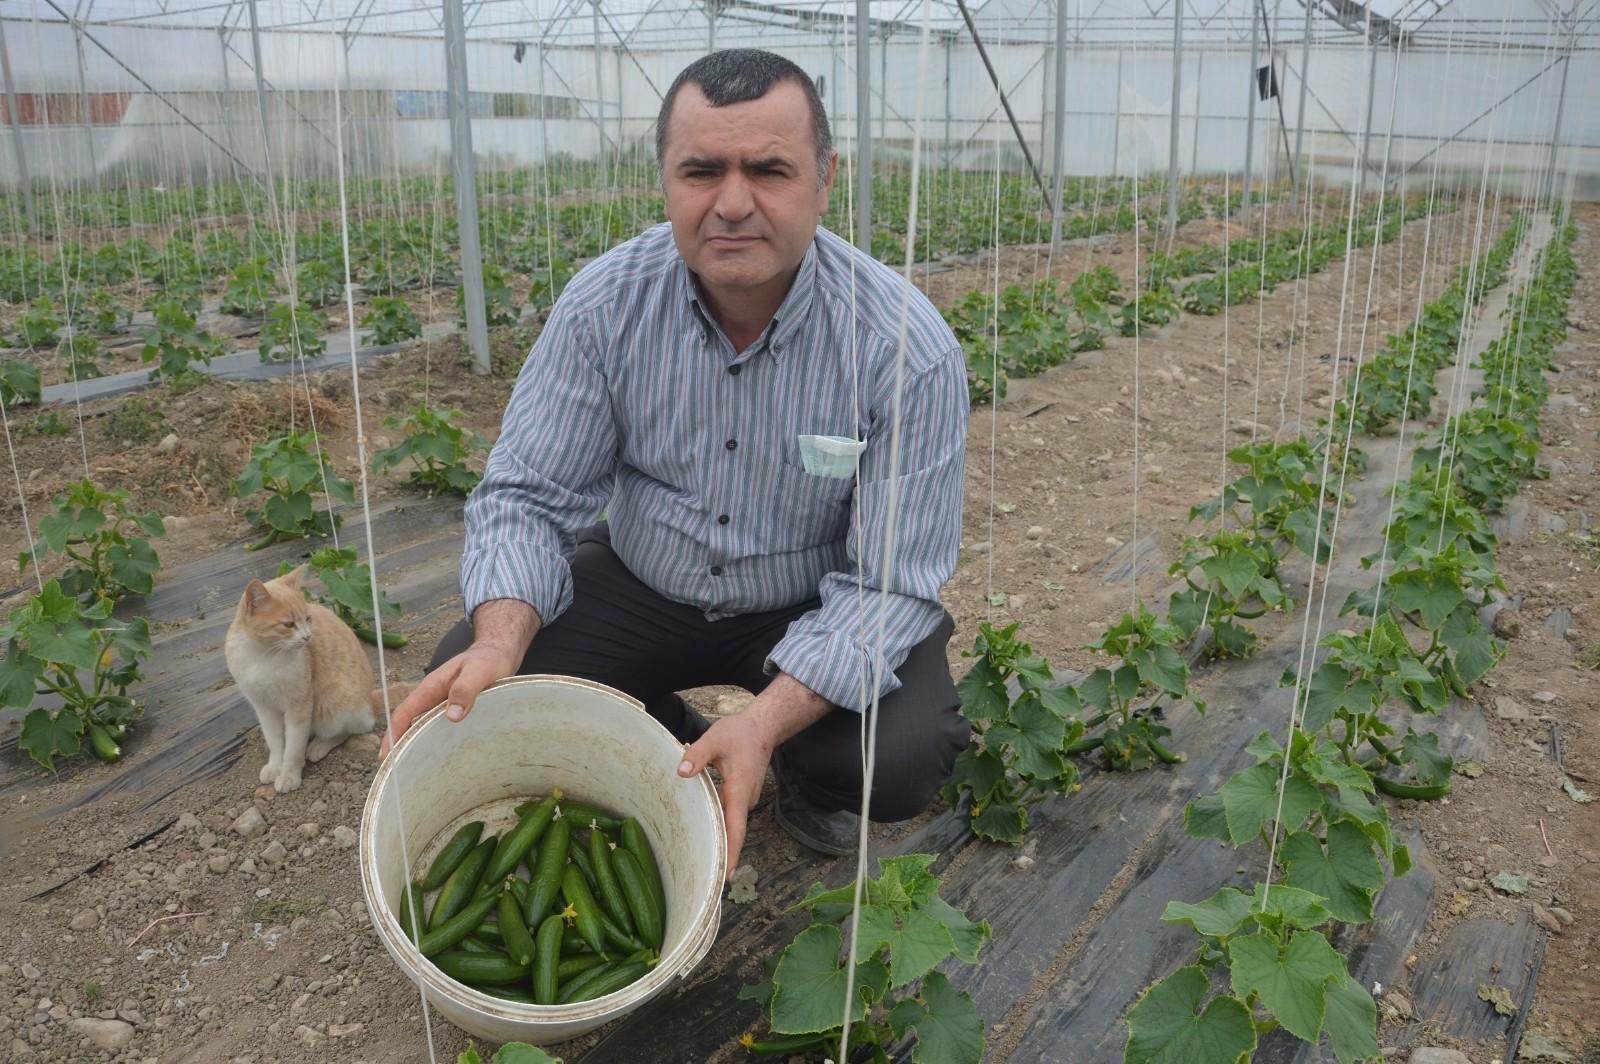 İstanbul'dan sıkıldı, öğretmenliği bırakarak hayaline koştu: Çiftlik kurdu!